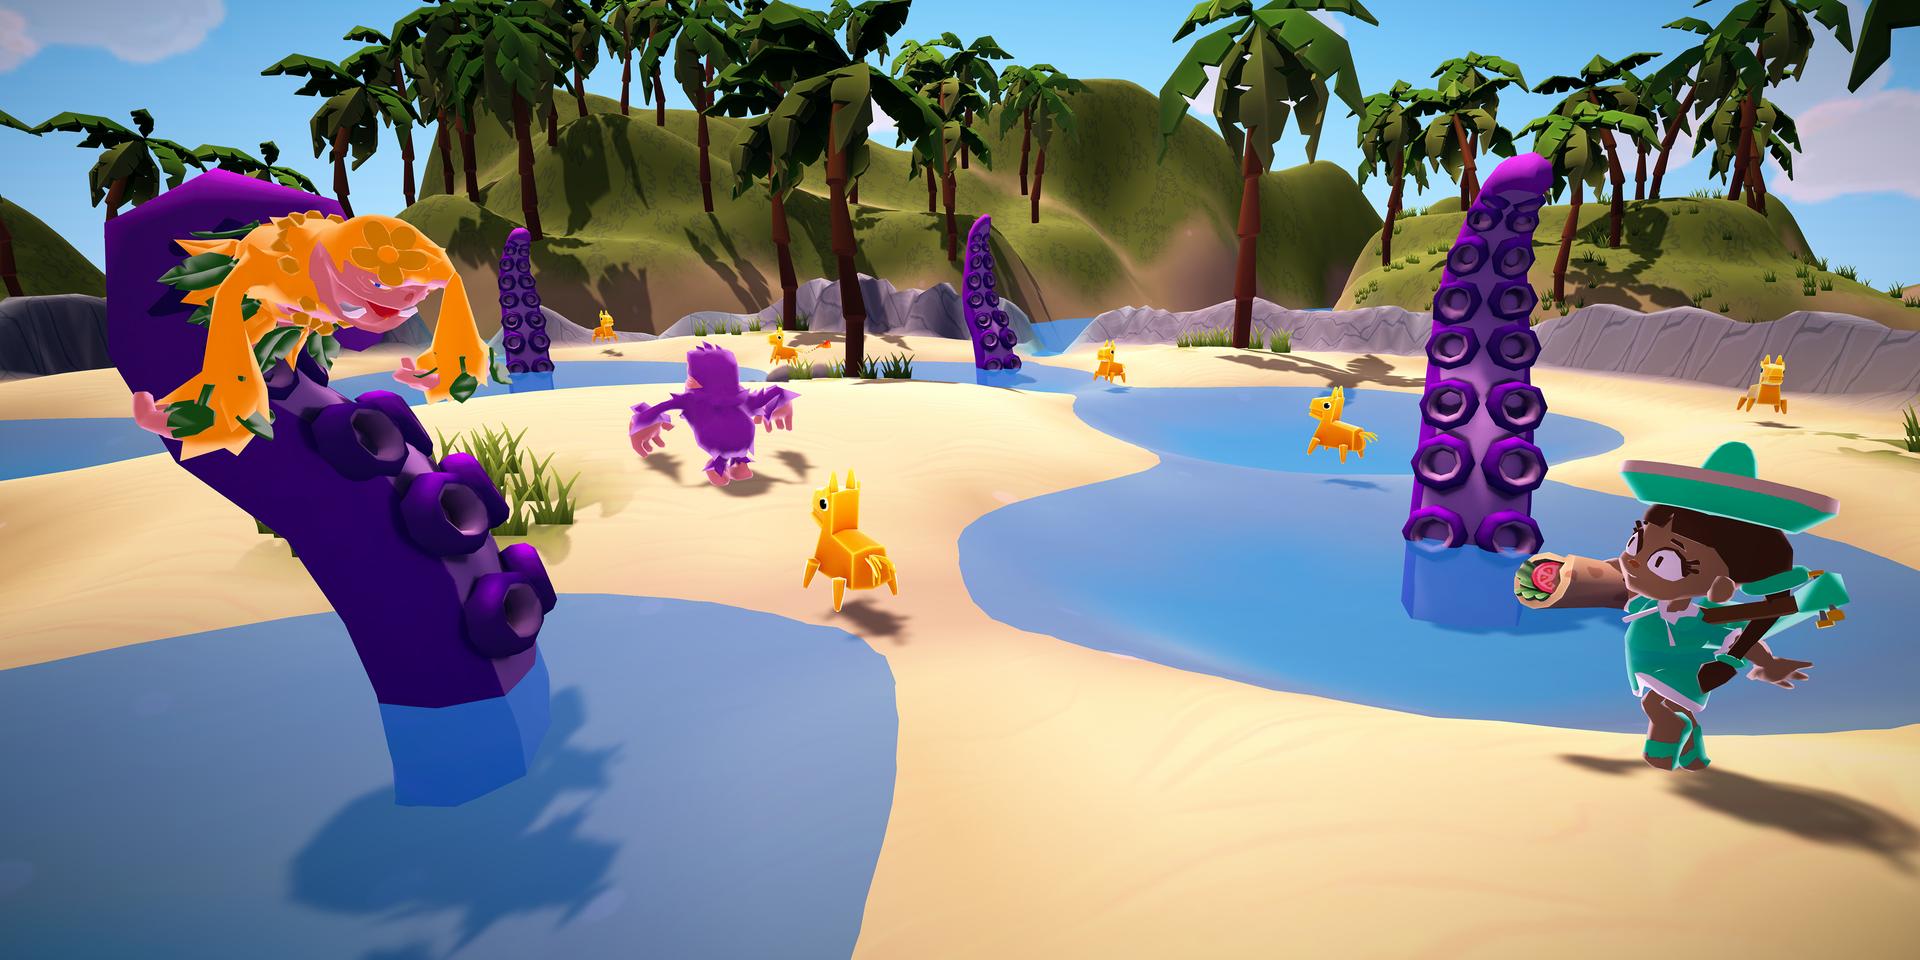 Someome Released the Kraken in Battle Mode